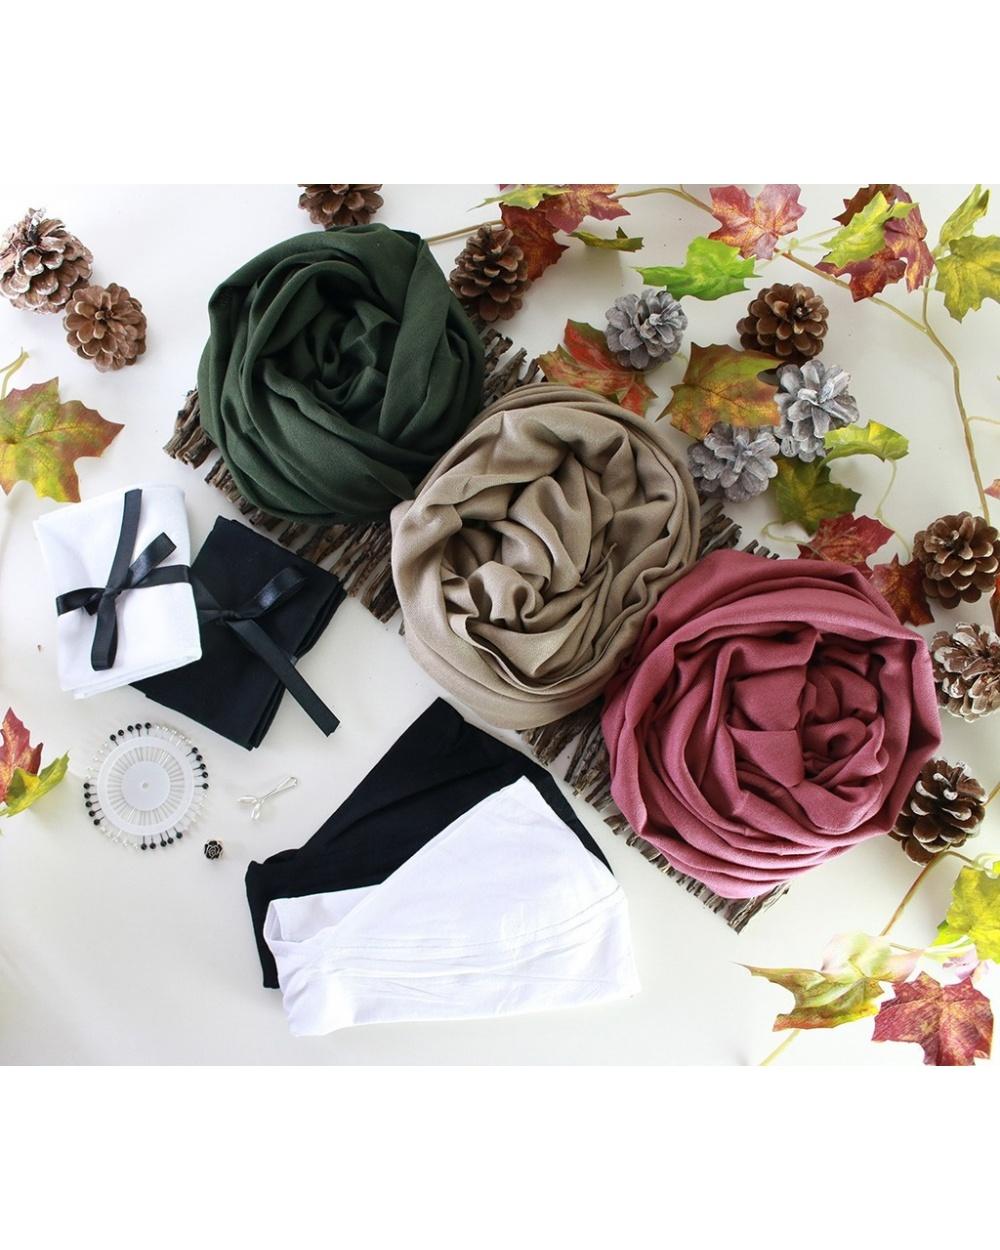 Winter Kit Hijab